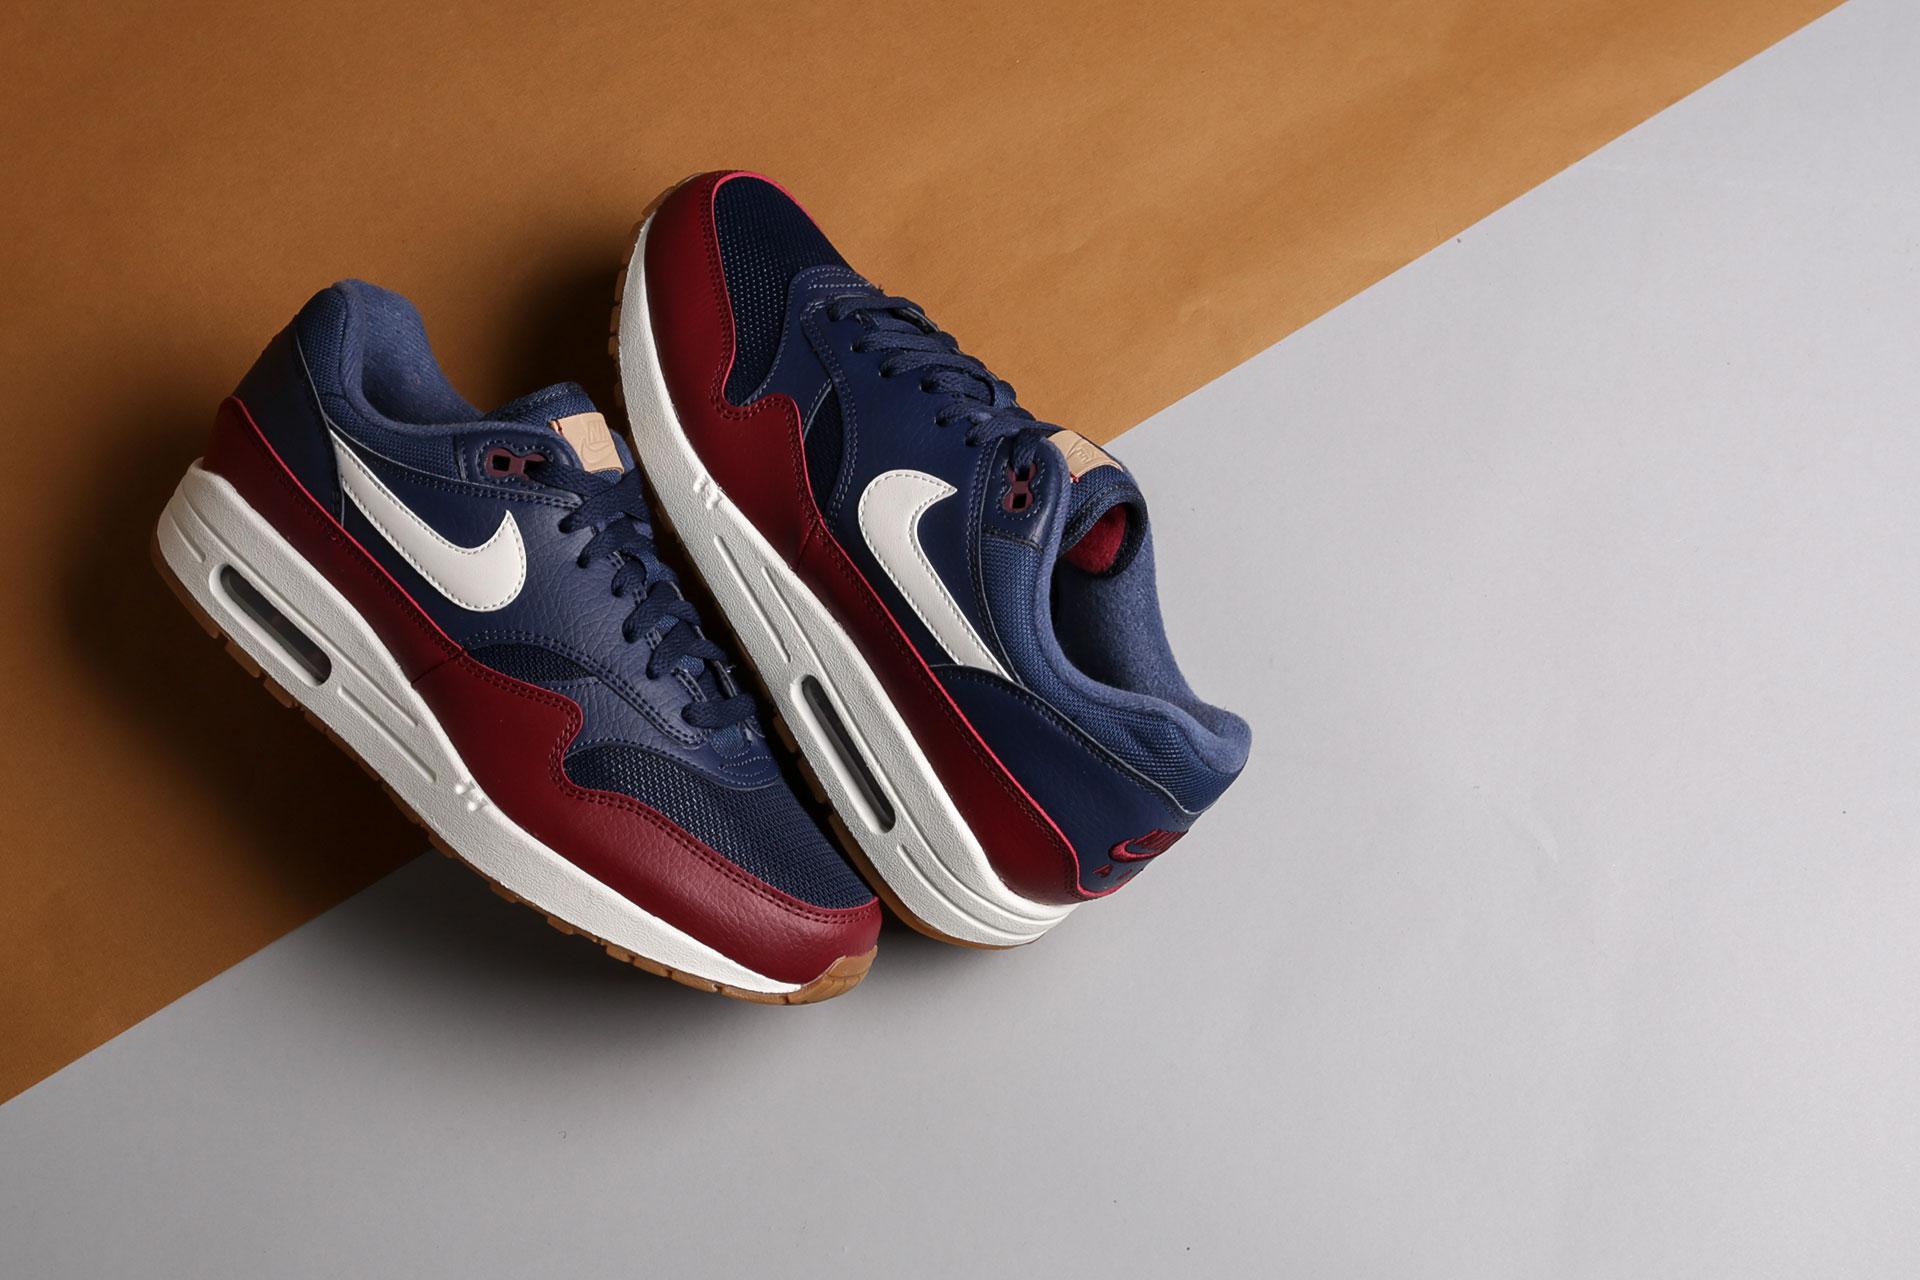 9c40f900 ... Купить мужские синие кроссовки Nike Air Max 1 - фото 3 картинки ...